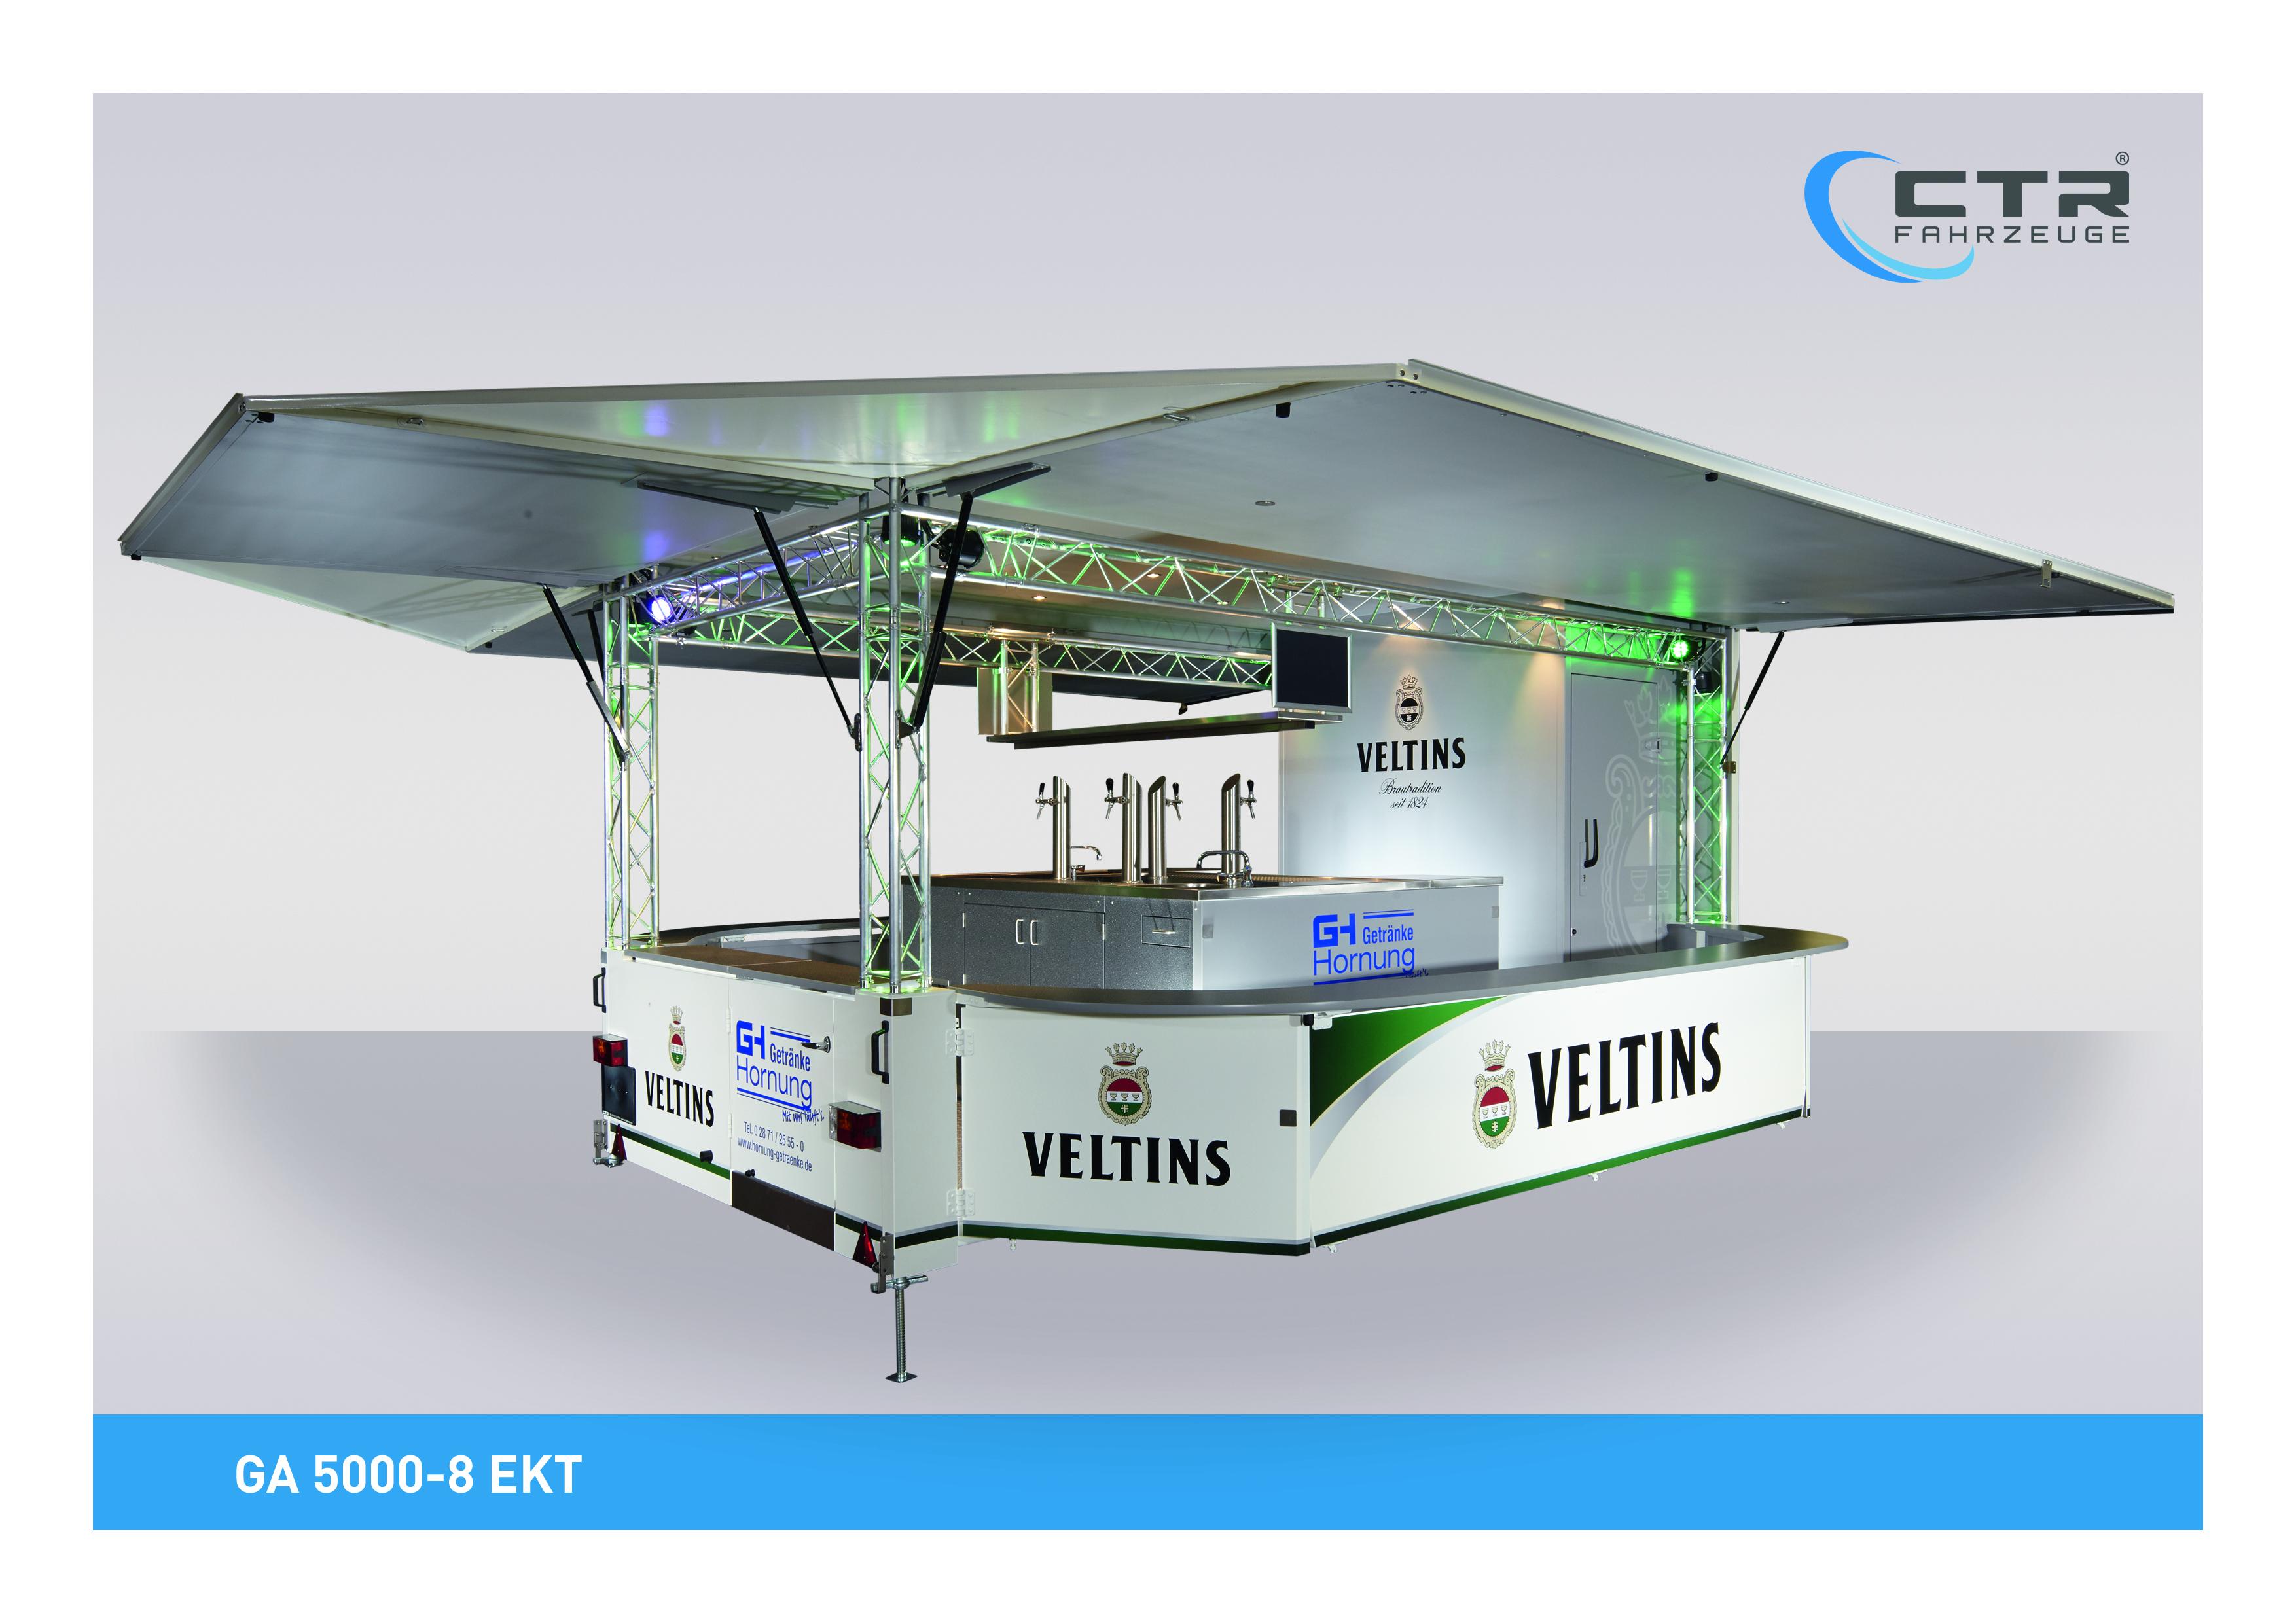 GA 5000-8 EKT ausgeliefert: Getränke Hornung vertraut erneut auf CTR